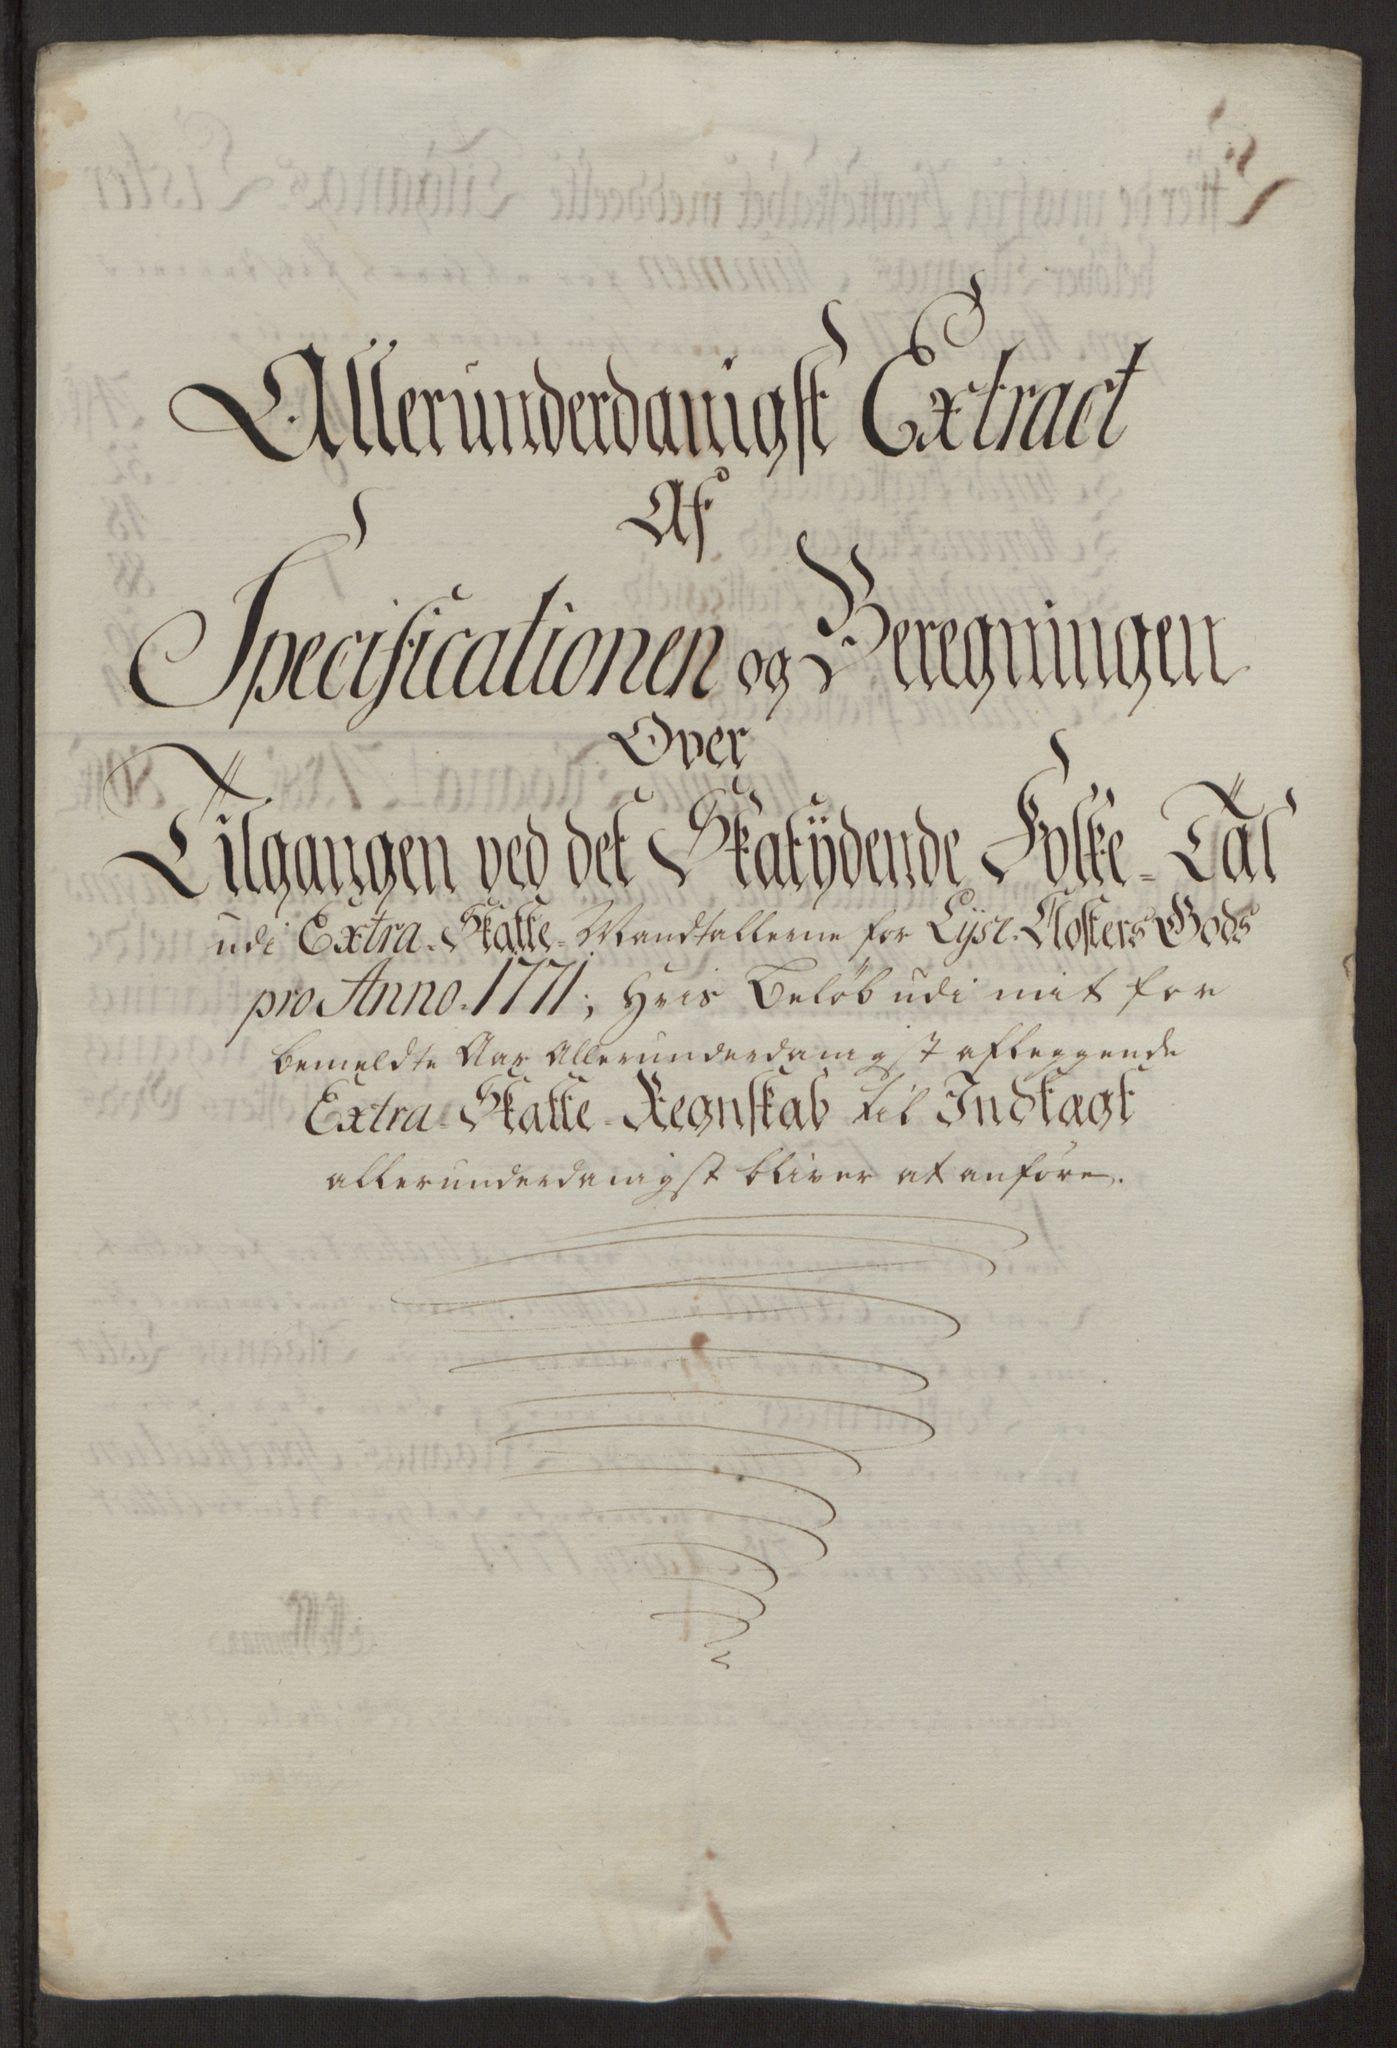 RA, Rentekammeret inntil 1814, Reviderte regnskaper, Fogderegnskap, R50/L3180: Ekstraskatten Lyse kloster, 1762-1783, s. 254